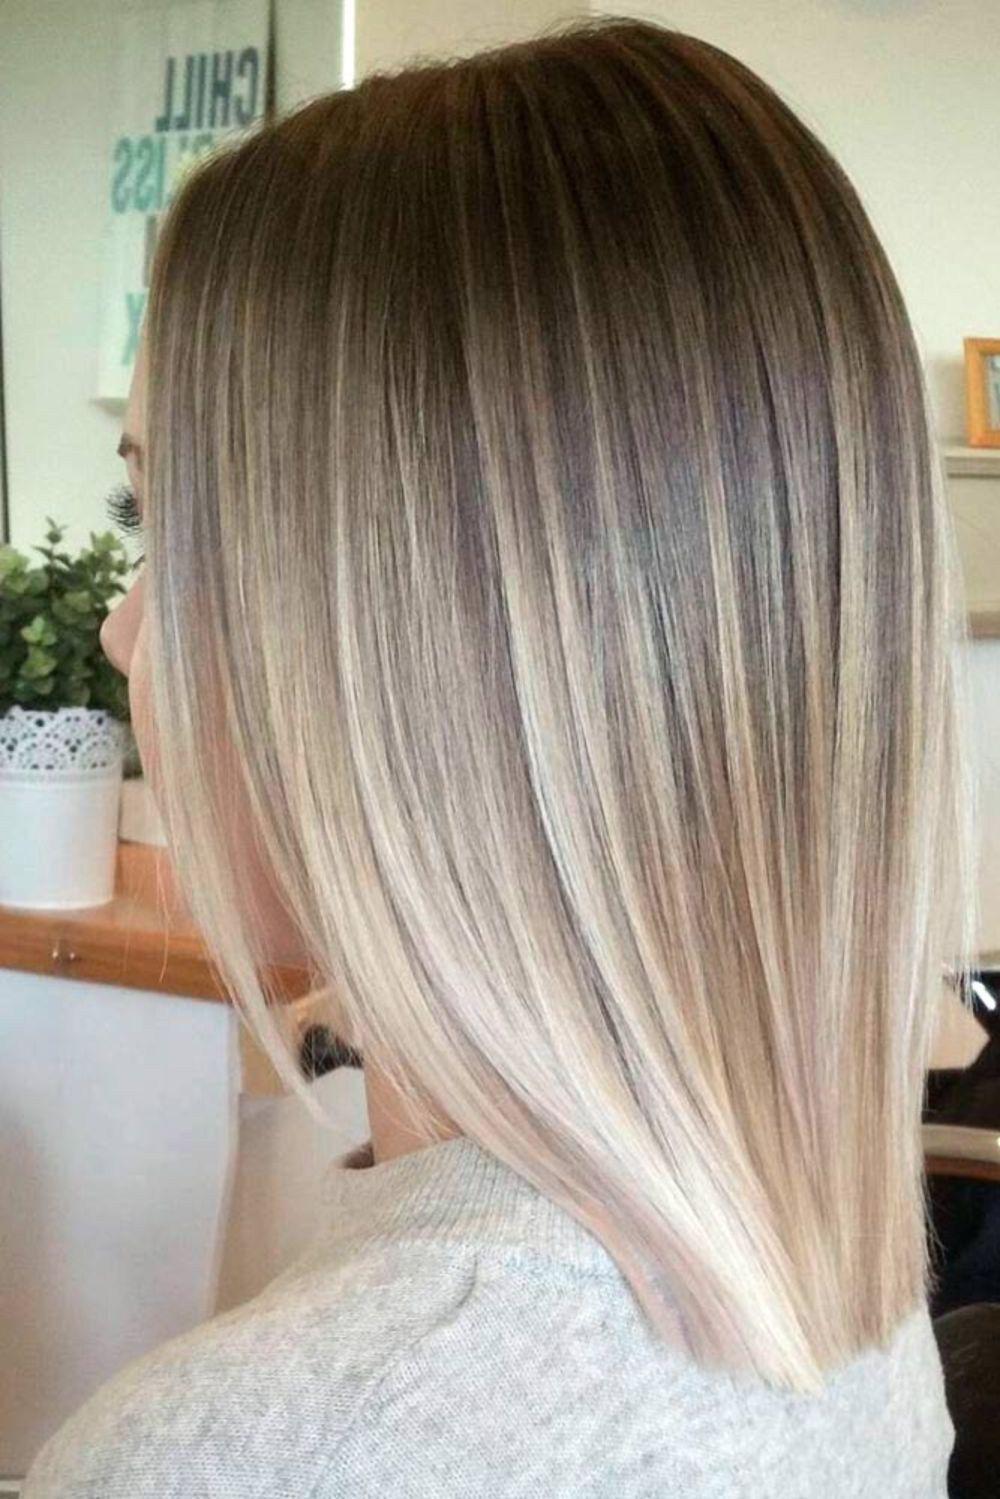 Pretty Blonde Hair Color Ideas 18 Fashionetter Hair Ideas